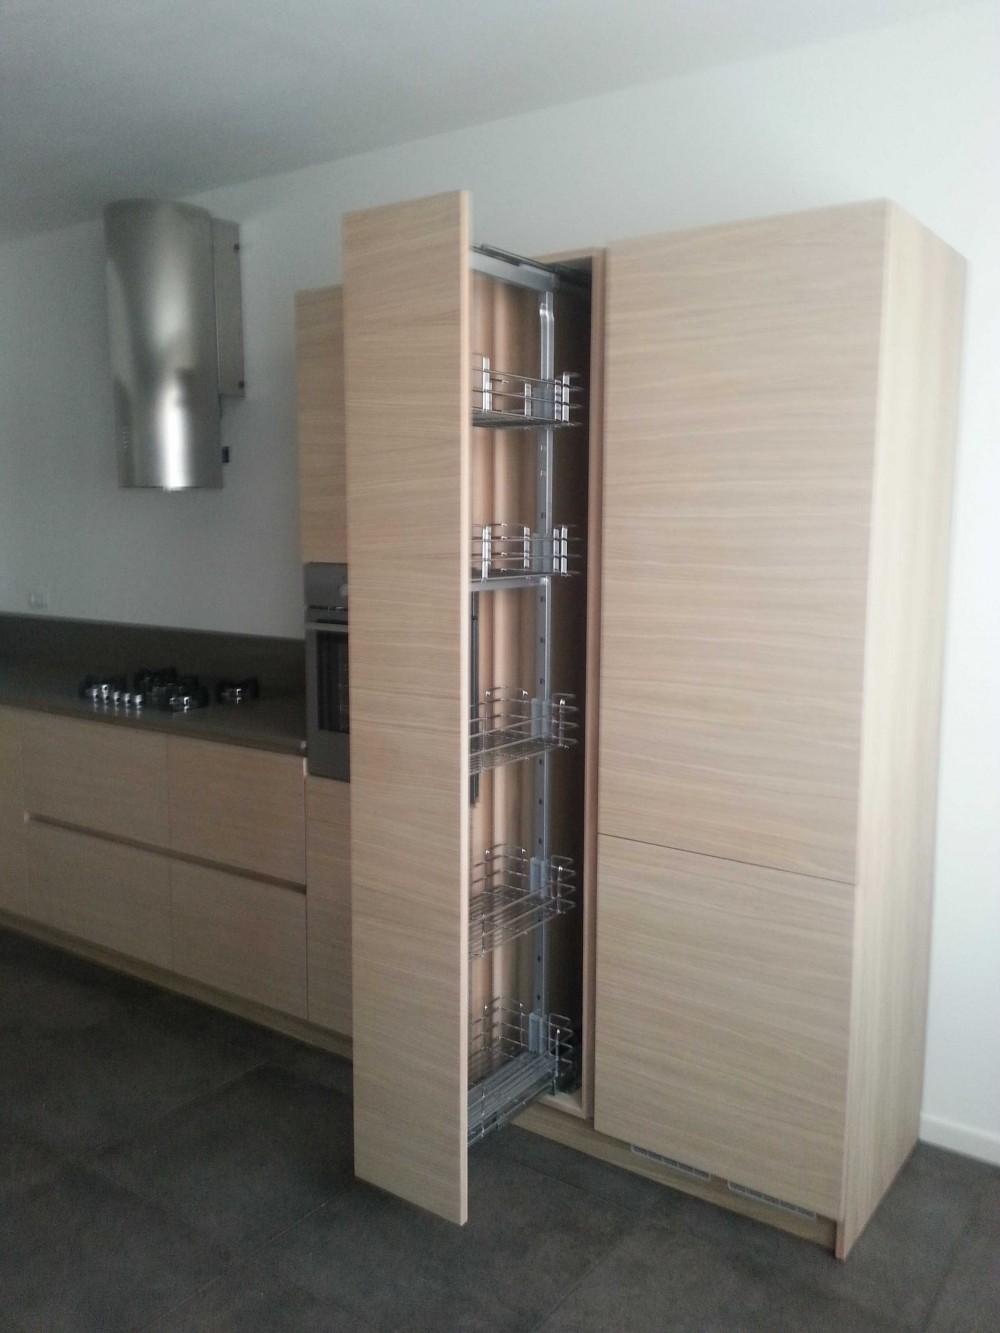 Immagine 4/4 | Cucina Rovere sbiancato e gole